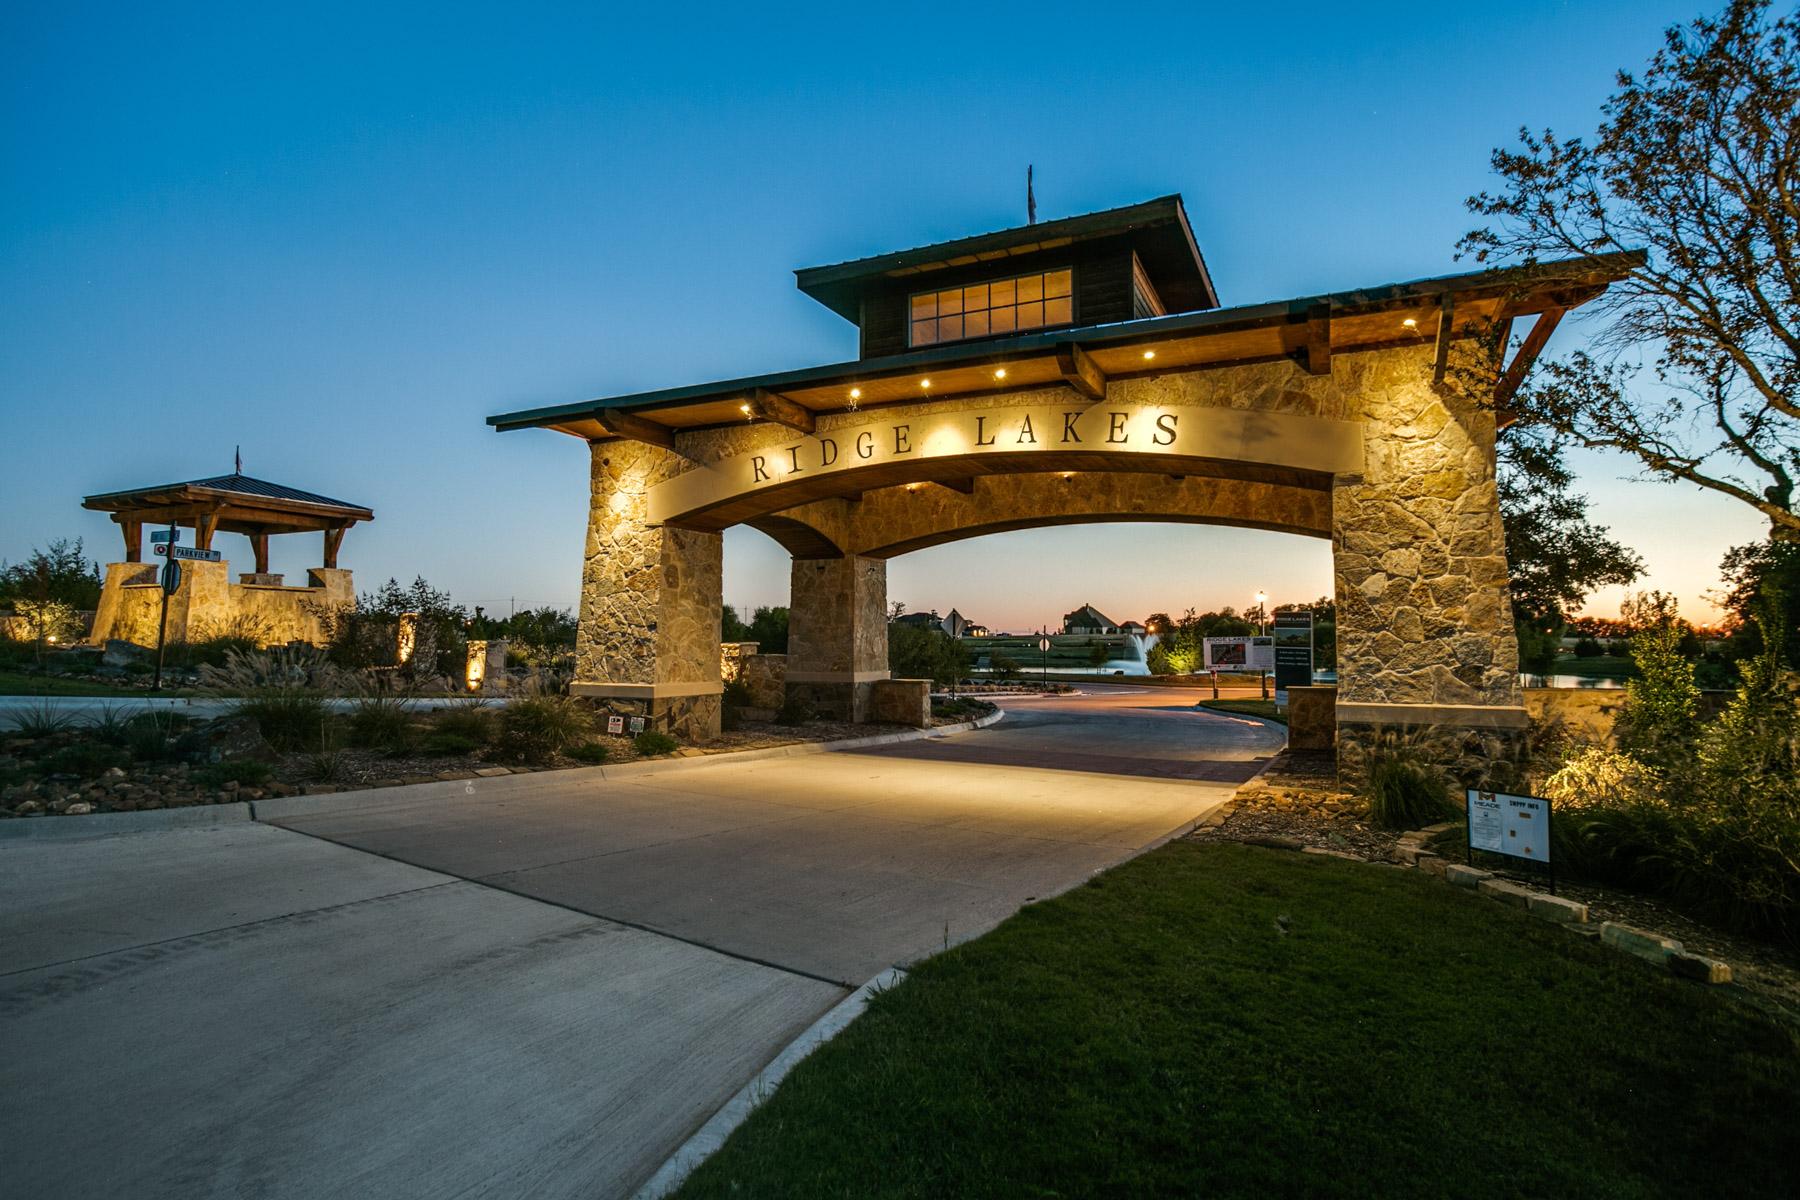 Land für Verkauf beim 1.17 Acre Lot in Ridge Lakes of Heath 500 Lodge Hill Drive, Heath, Texas 75032 Vereinigte Staaten